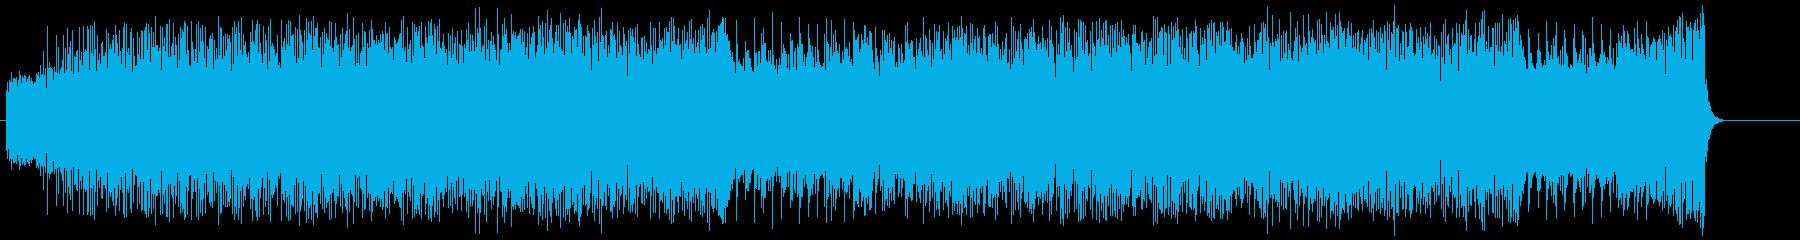 忙しい 元気 前進 情報 はつらつの再生済みの波形